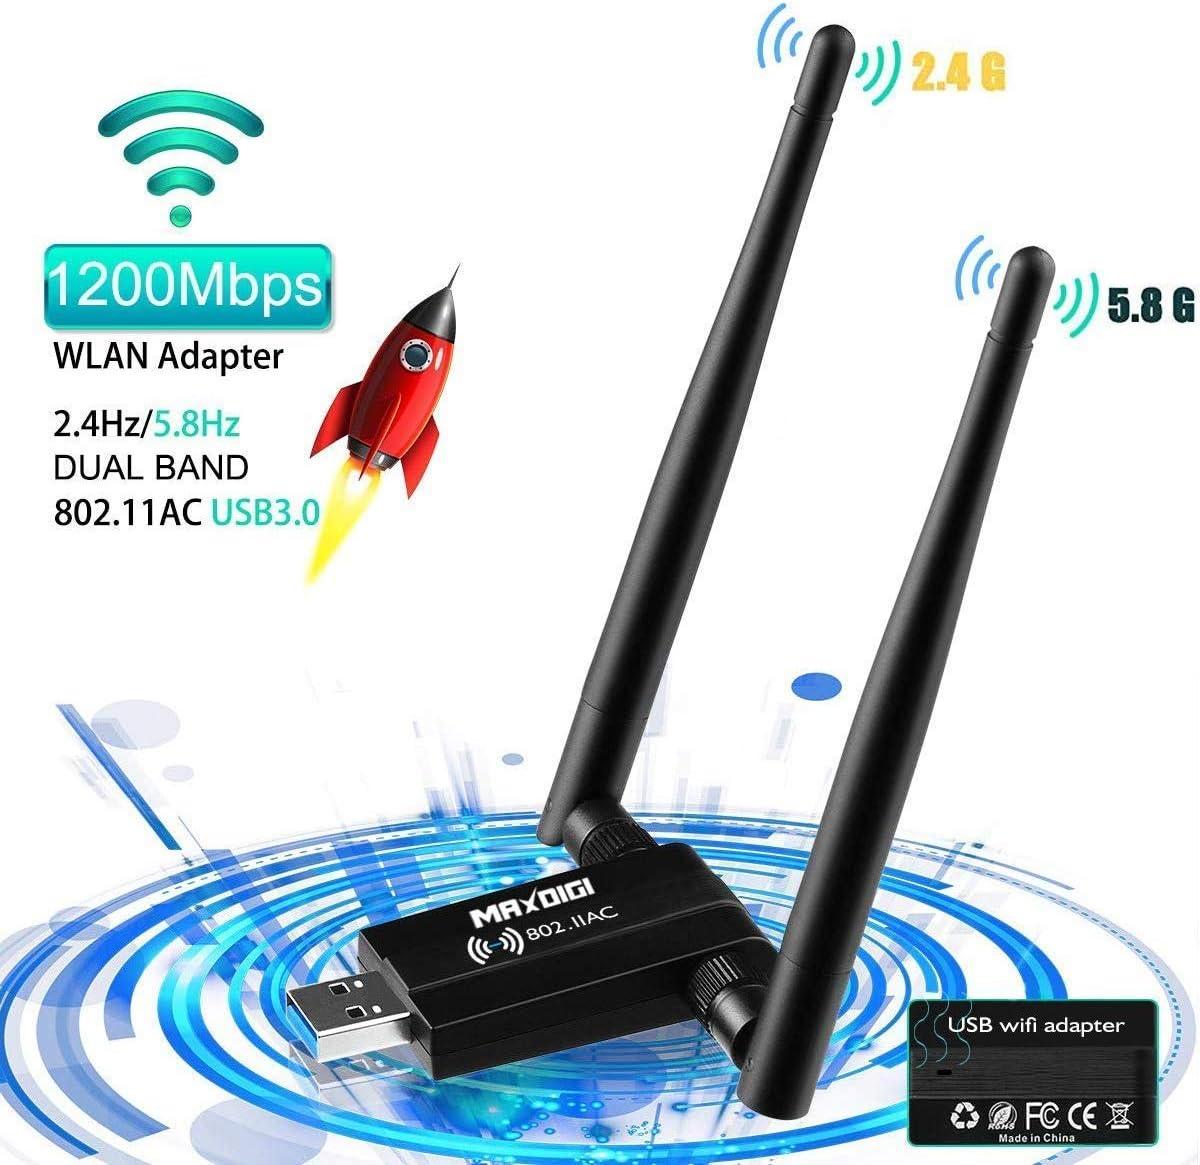 Adaptador inalámbrico USB AC1200 Mbps USB WiFi adaptador de red inalámbrica para PC/escritorio/portátil/tableta 2.4G/5G 5dBi Dual Antena compatible con Windows 10/8 .1/7/Vista/XP, Mac OS, Linux2.6X